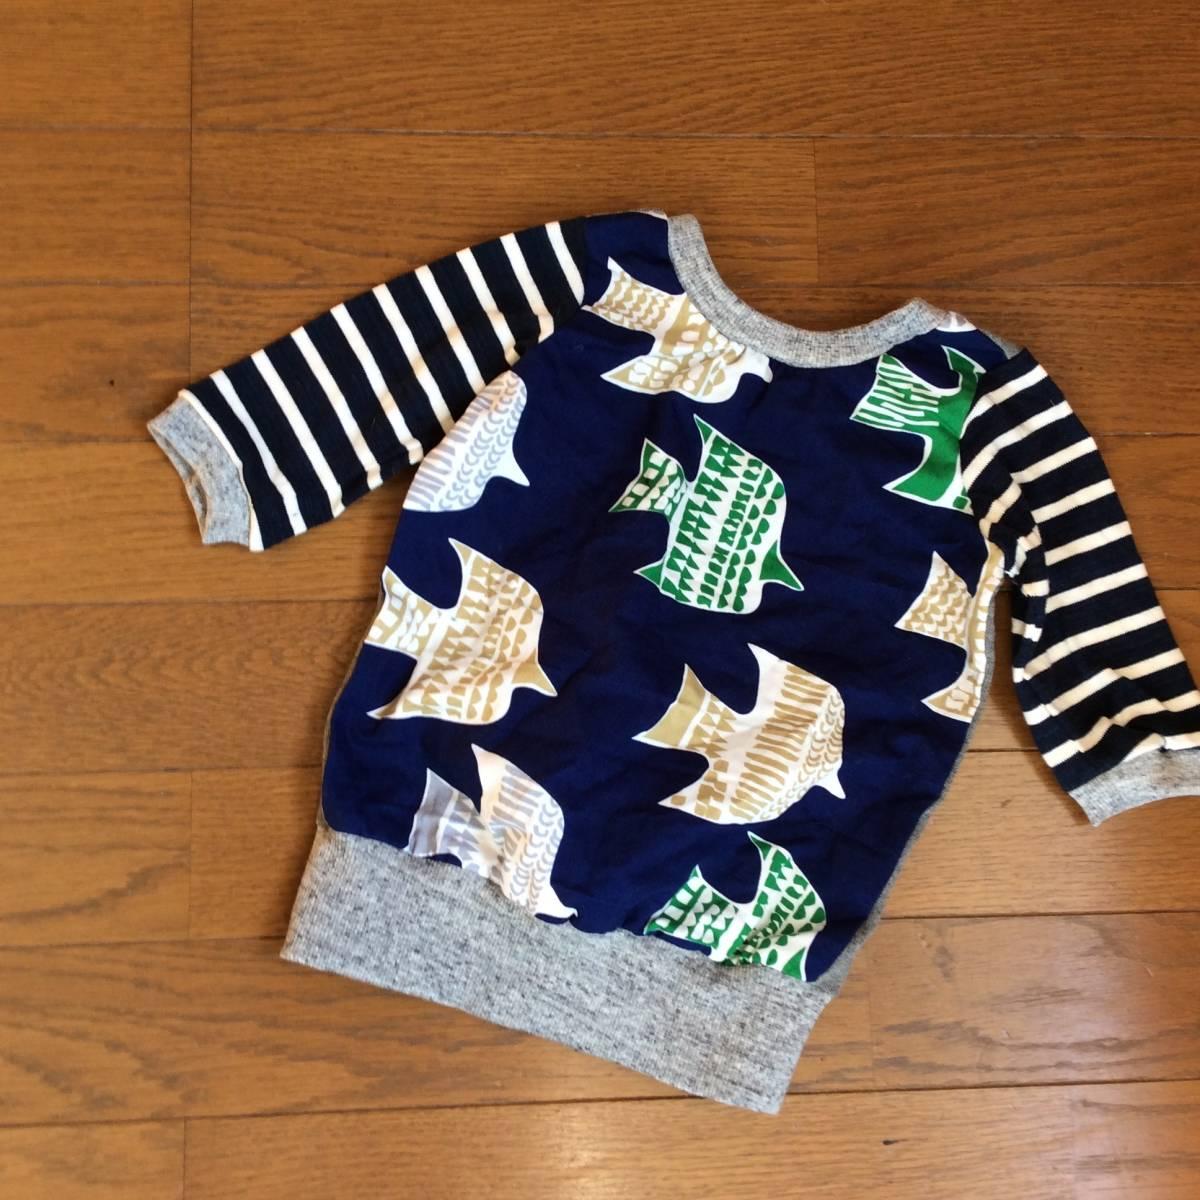 日々の服*ハンドメイド*切り替えT6分袖 100/ブルー、グレー、バード、鳥、ネイビー、グリーン